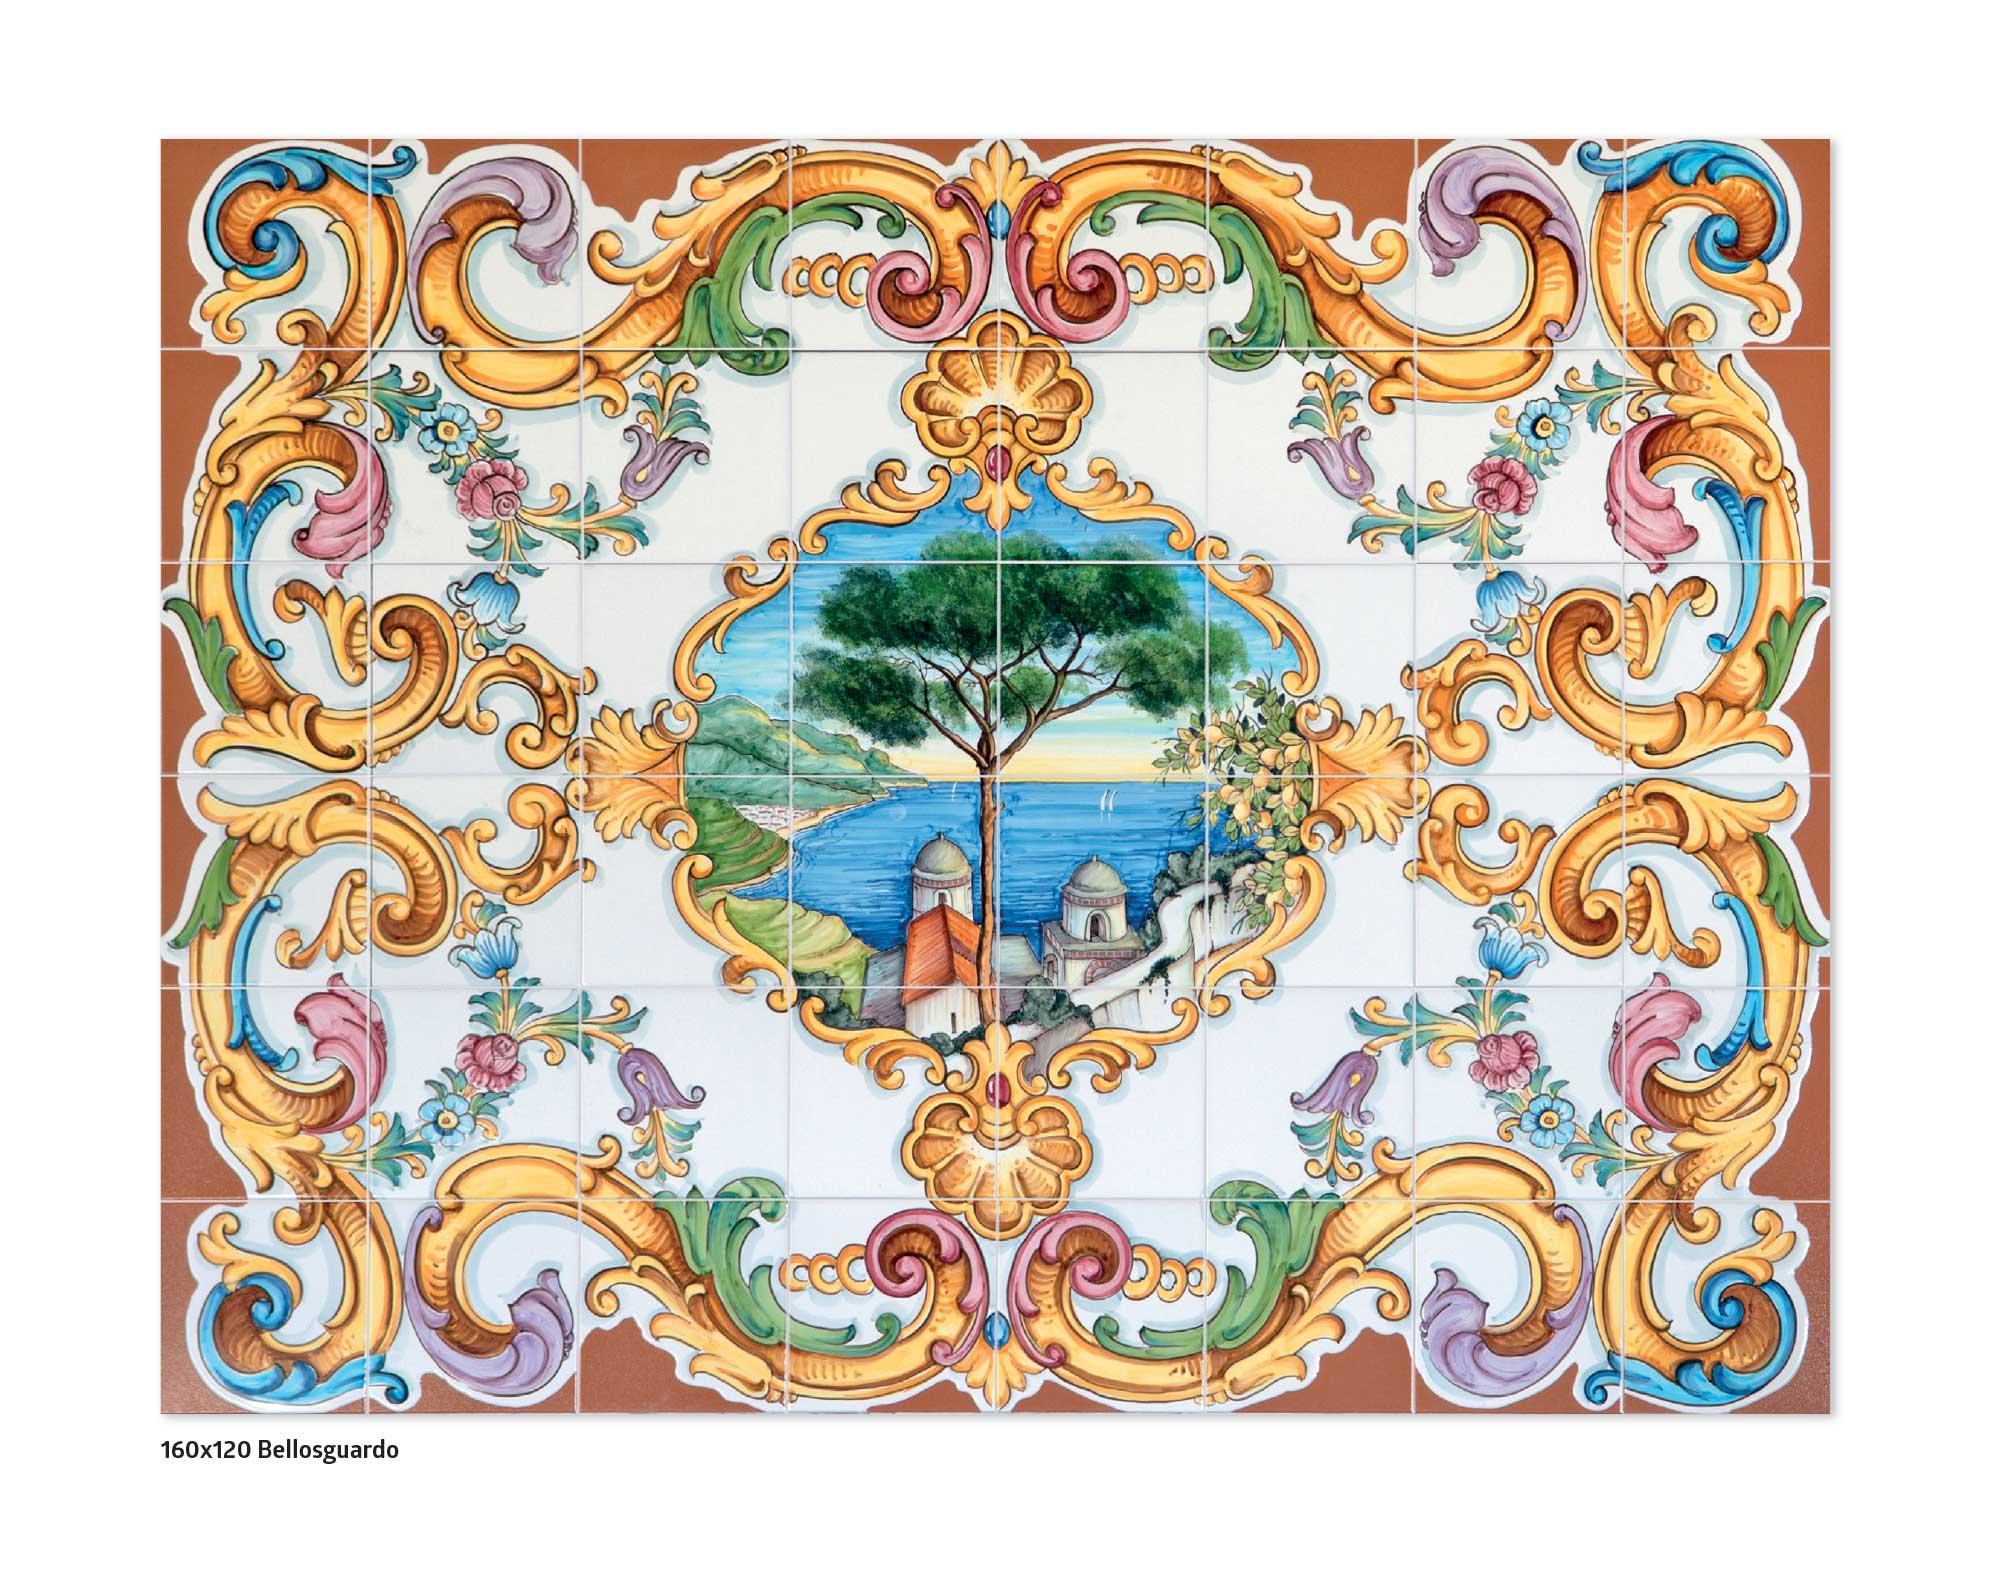 pannelli artistici - rosoni